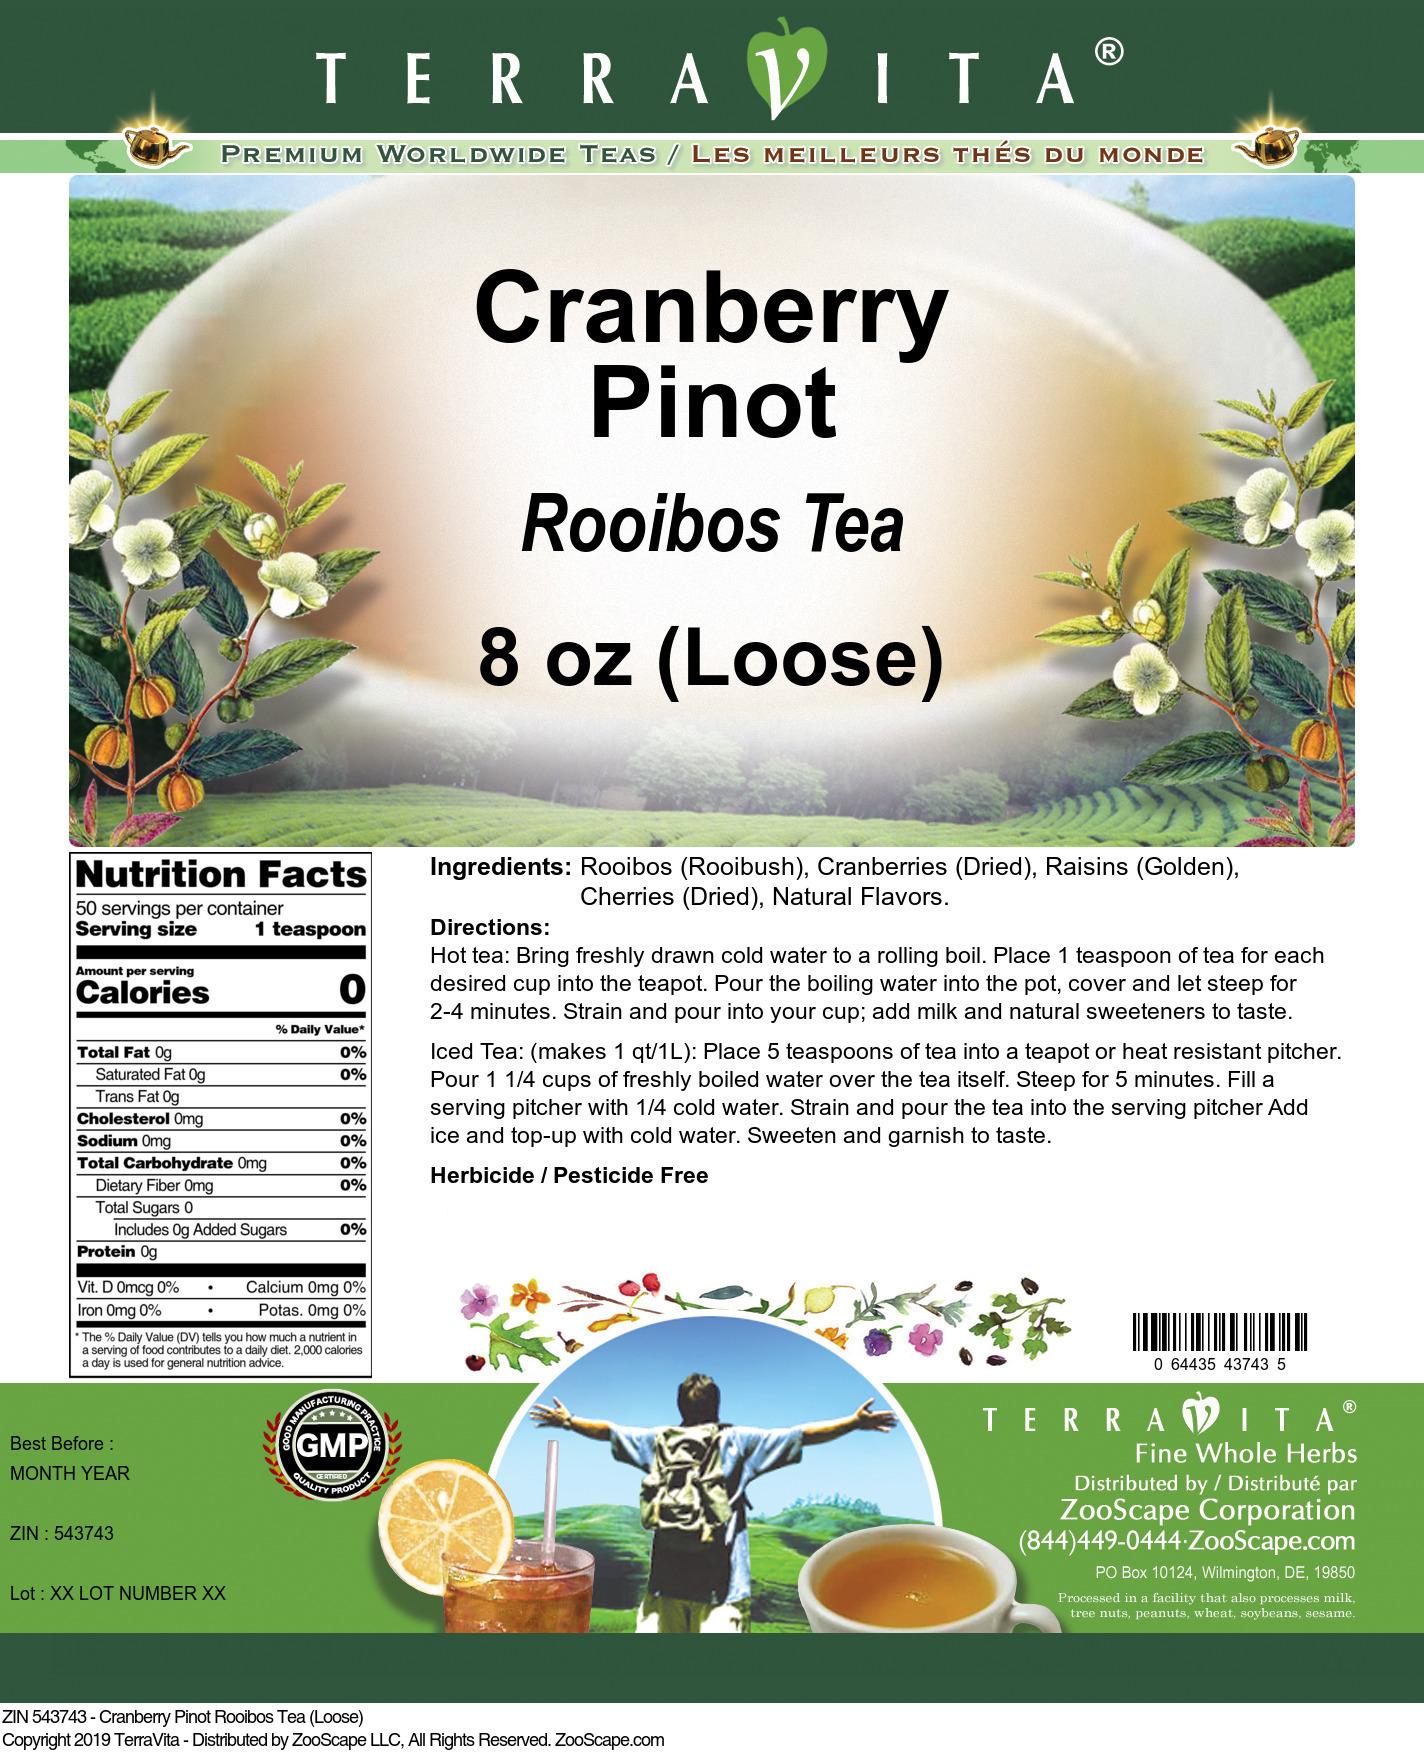 Cranberry Pinot Rooibos Tea (Loose)